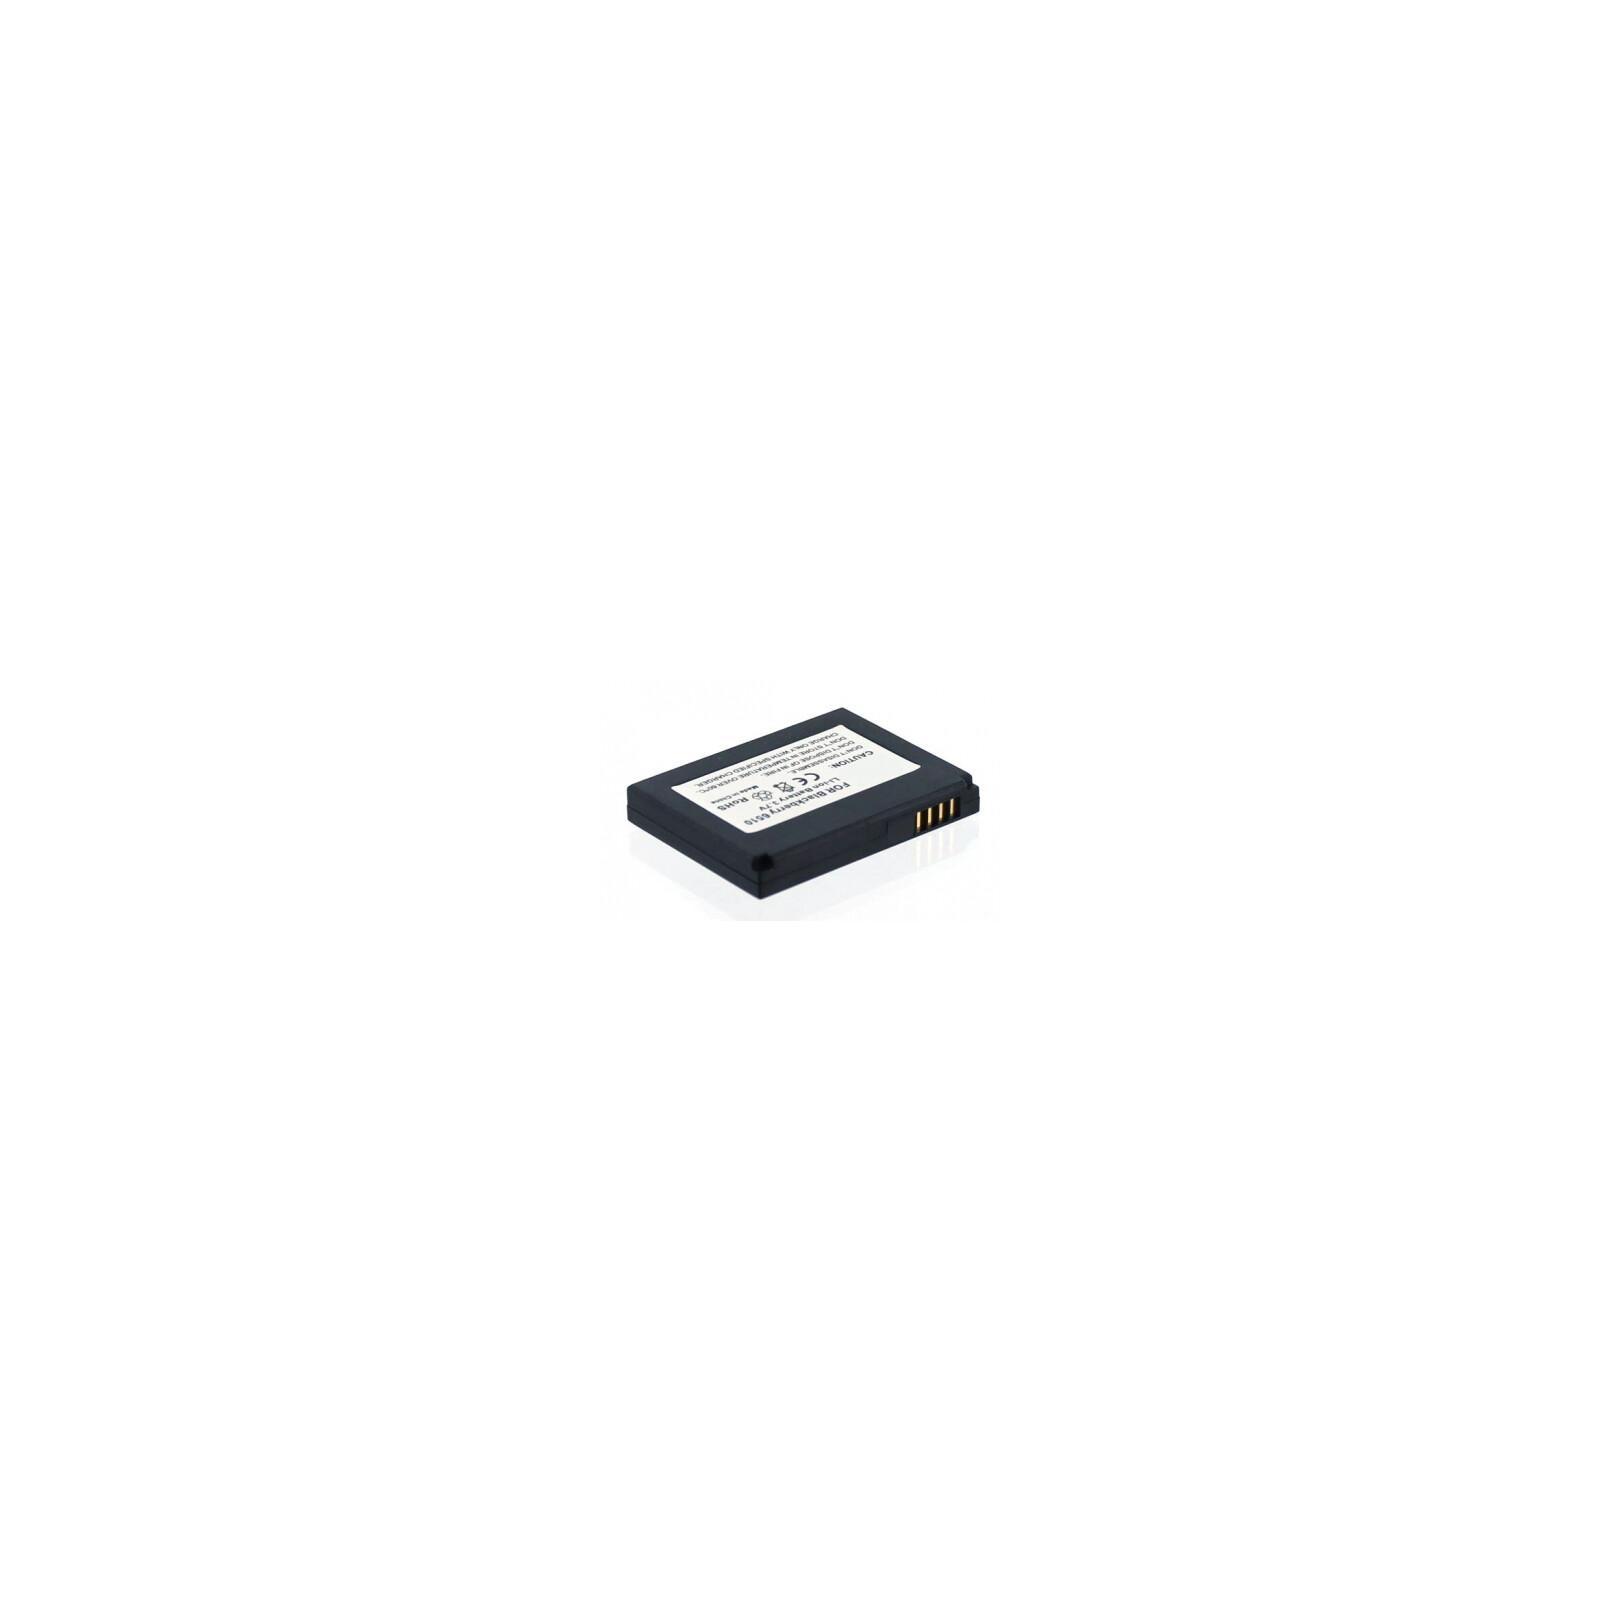 AGI Akku Blackberry 6210 900mAh